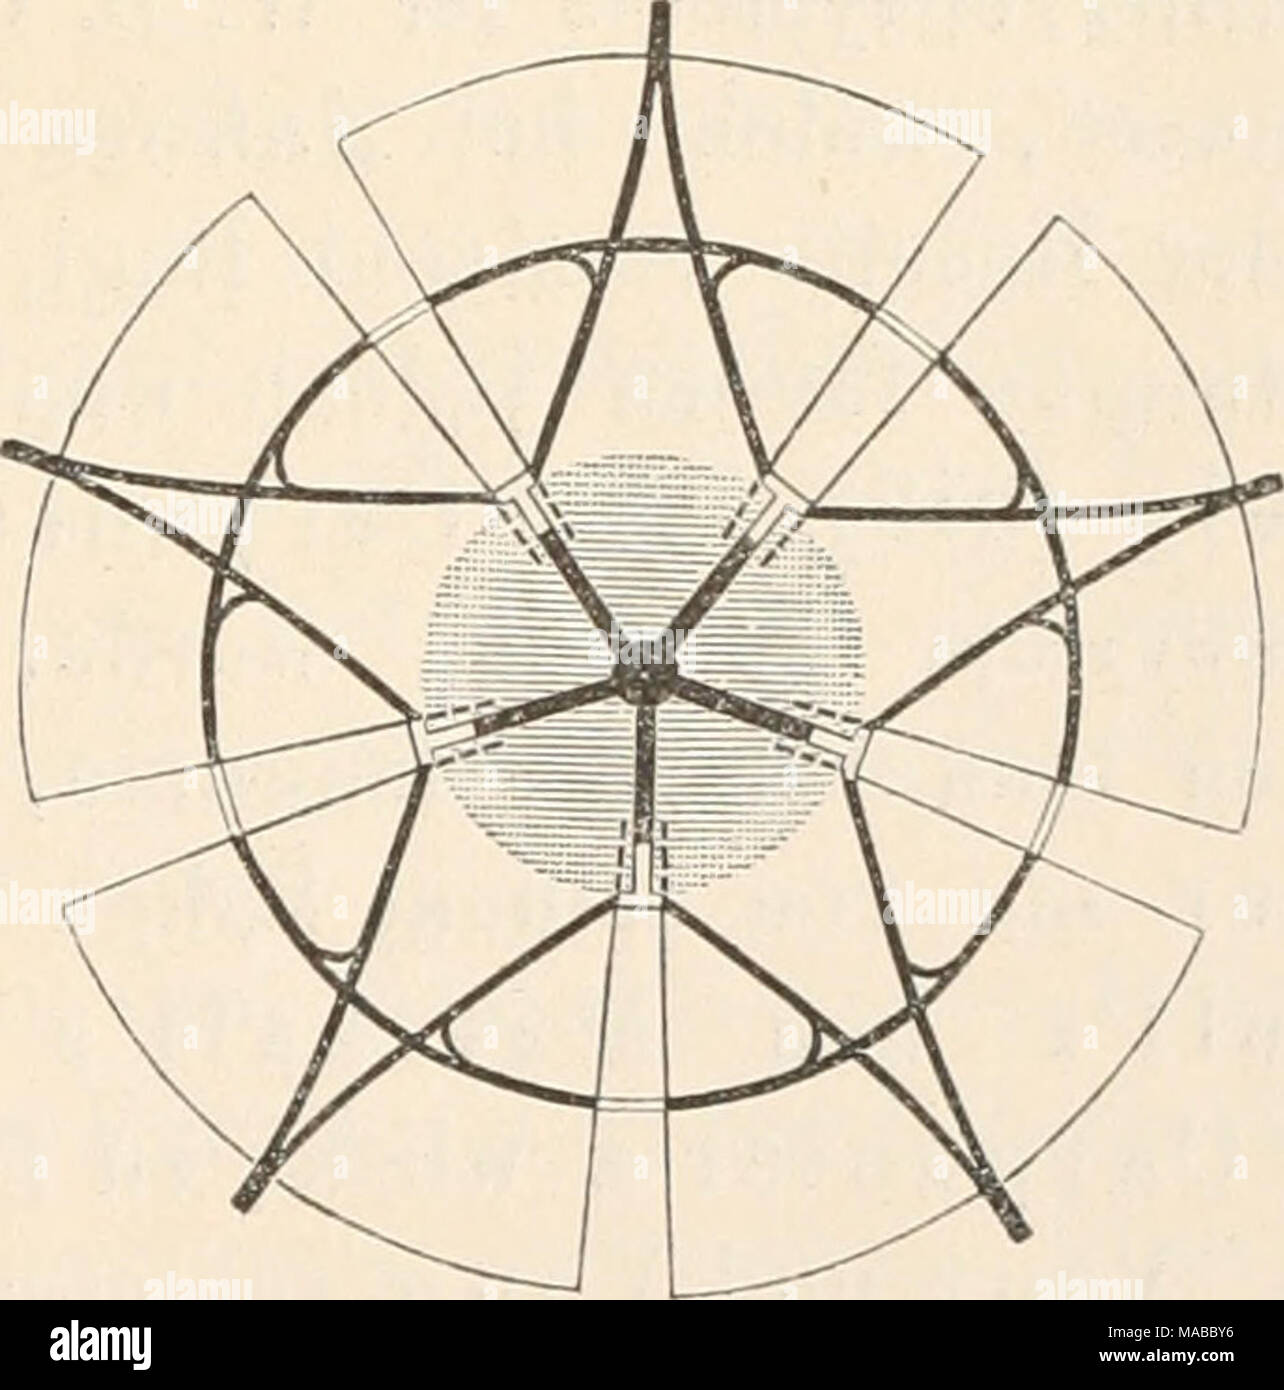 Großzügig Menschlichen Körpers Nerven Diagramm Ideen - Menschliche ...